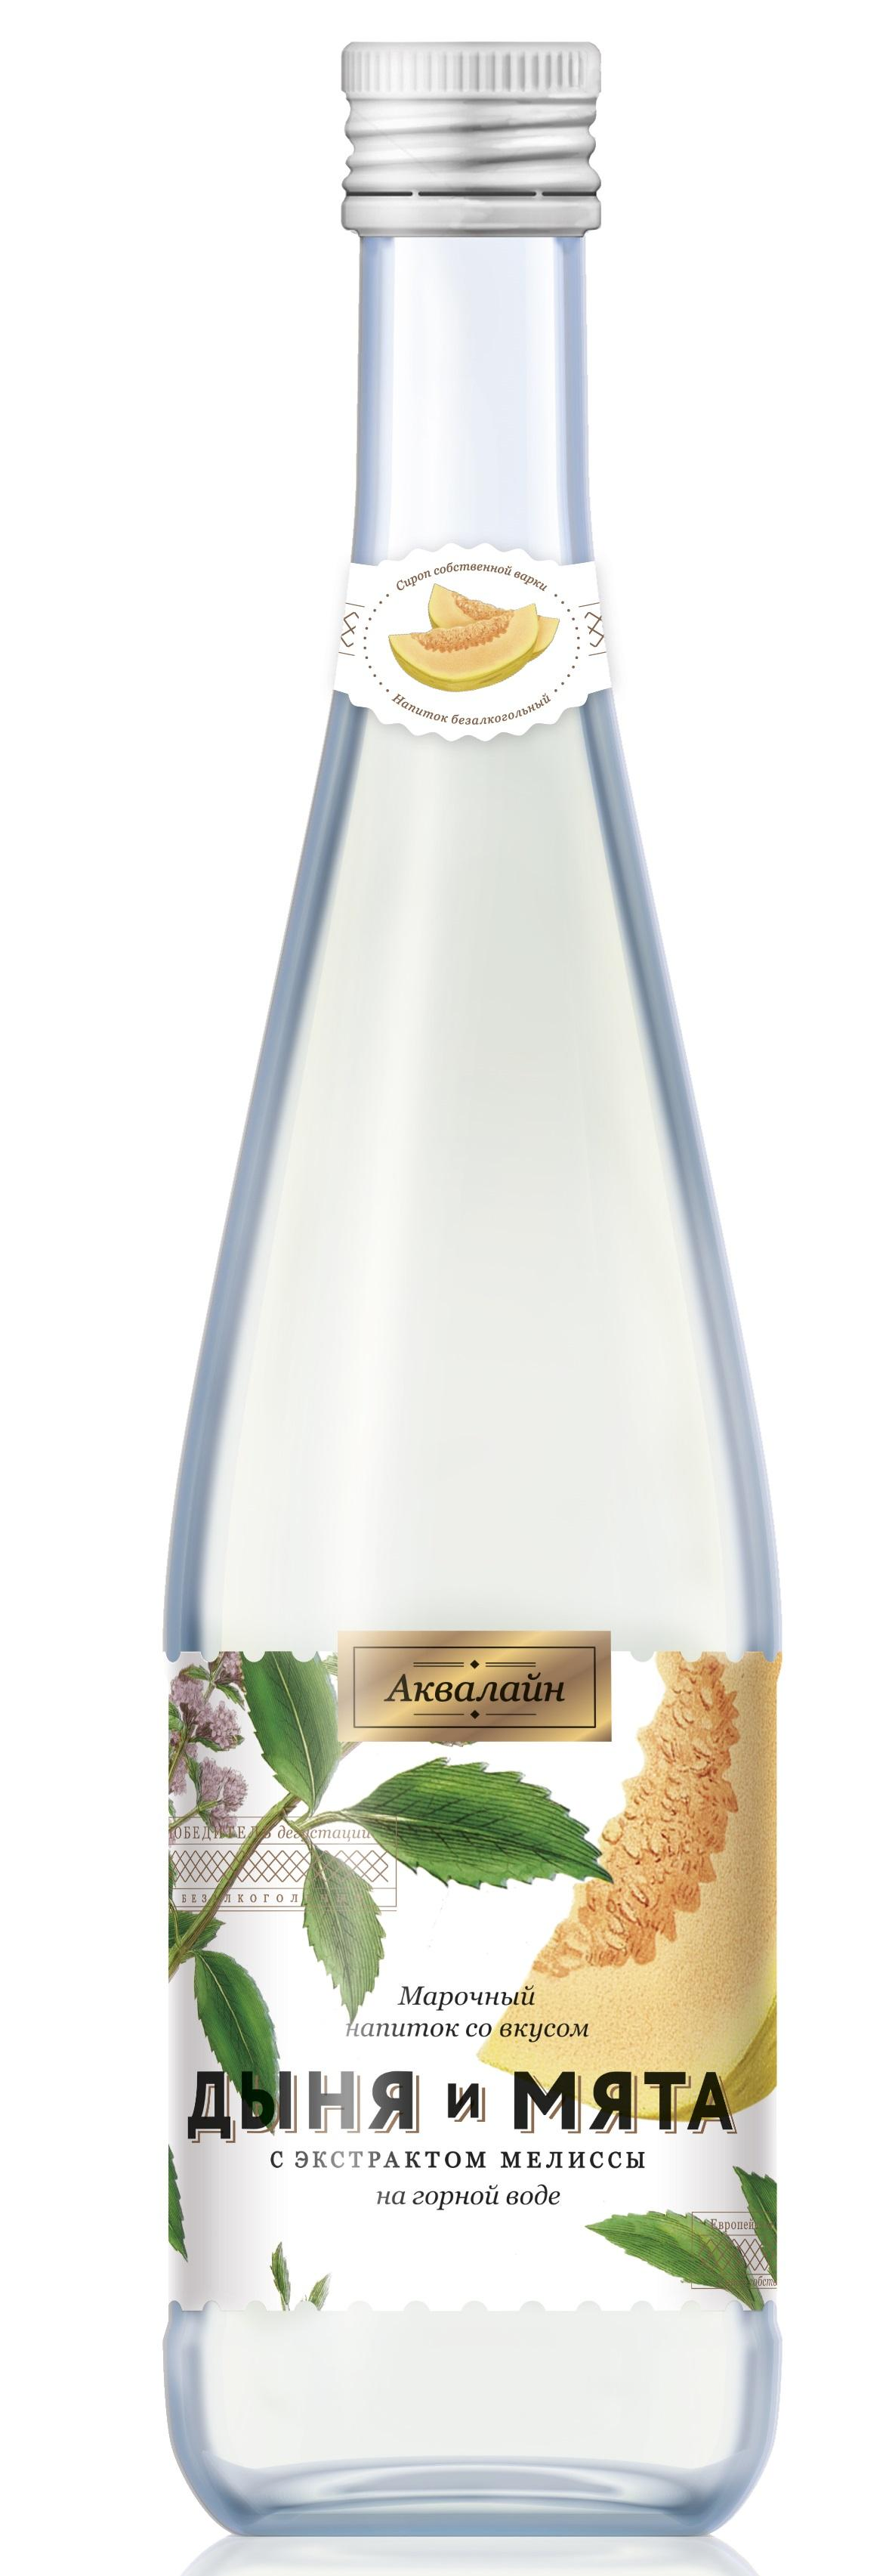 Газированный напиток Аквалайн Дыня и мята